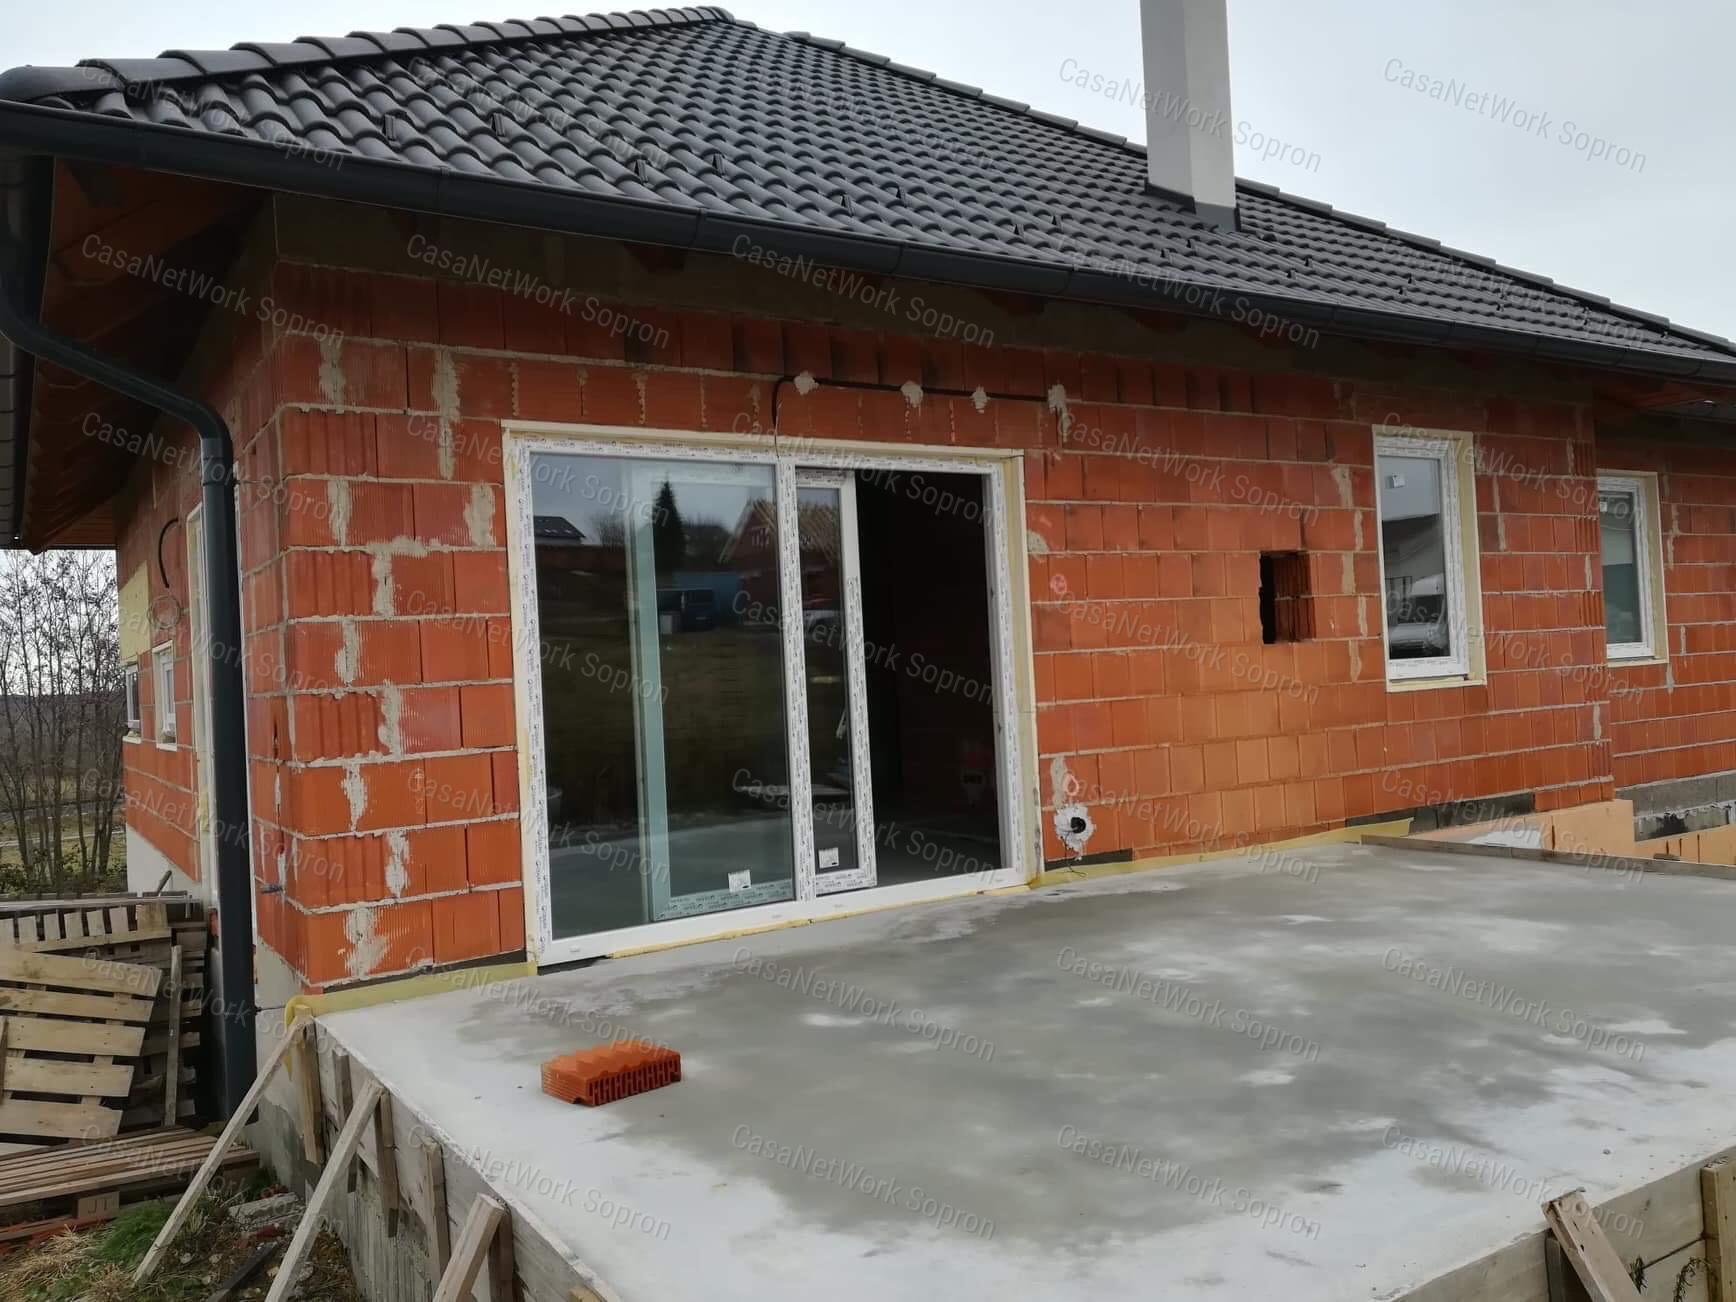 Eladó családi ház, Győr-Moson-Sopron megye, Sopron (Ágfalvi úti lakópark) - sz.: 164301594 - CasaNetWork.hu